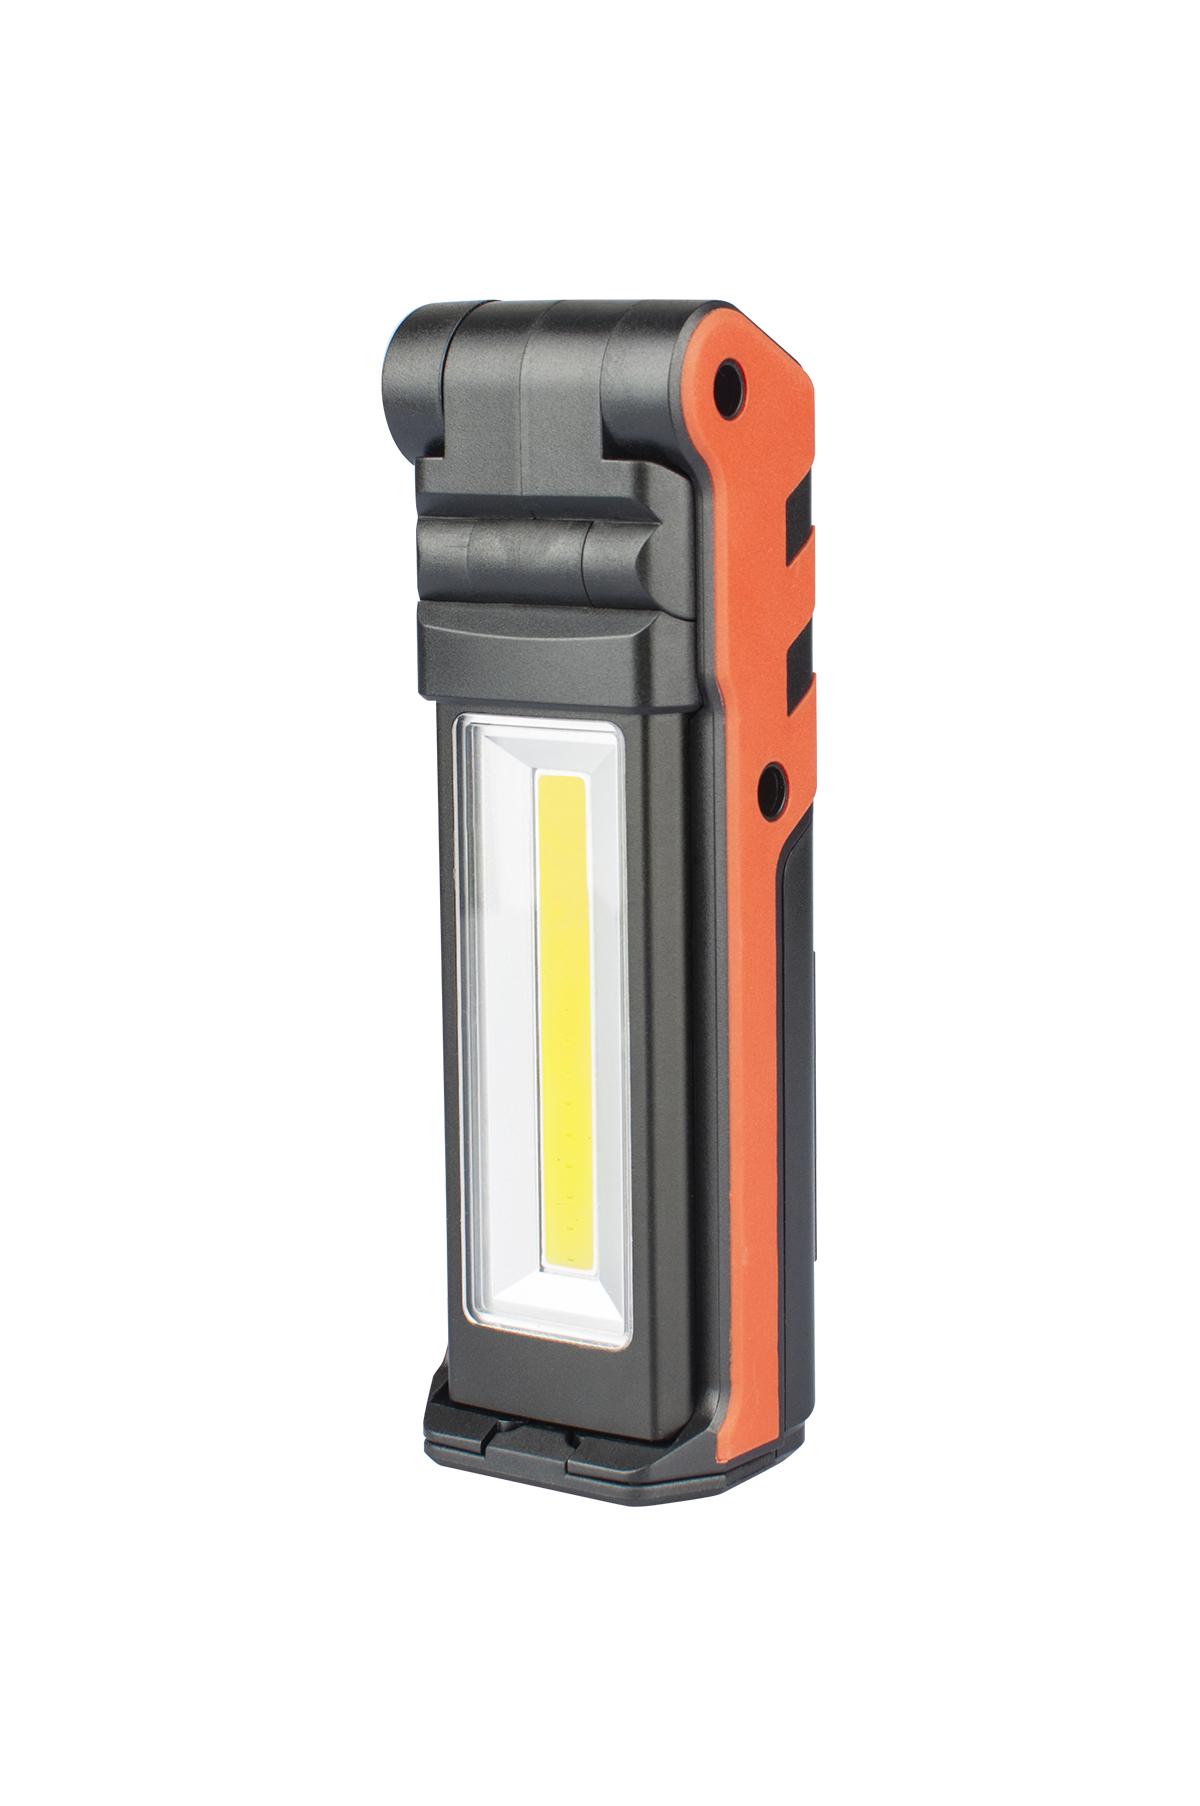 Latarka akumulatorowa warsztatowa LED LB0188 LIBOX